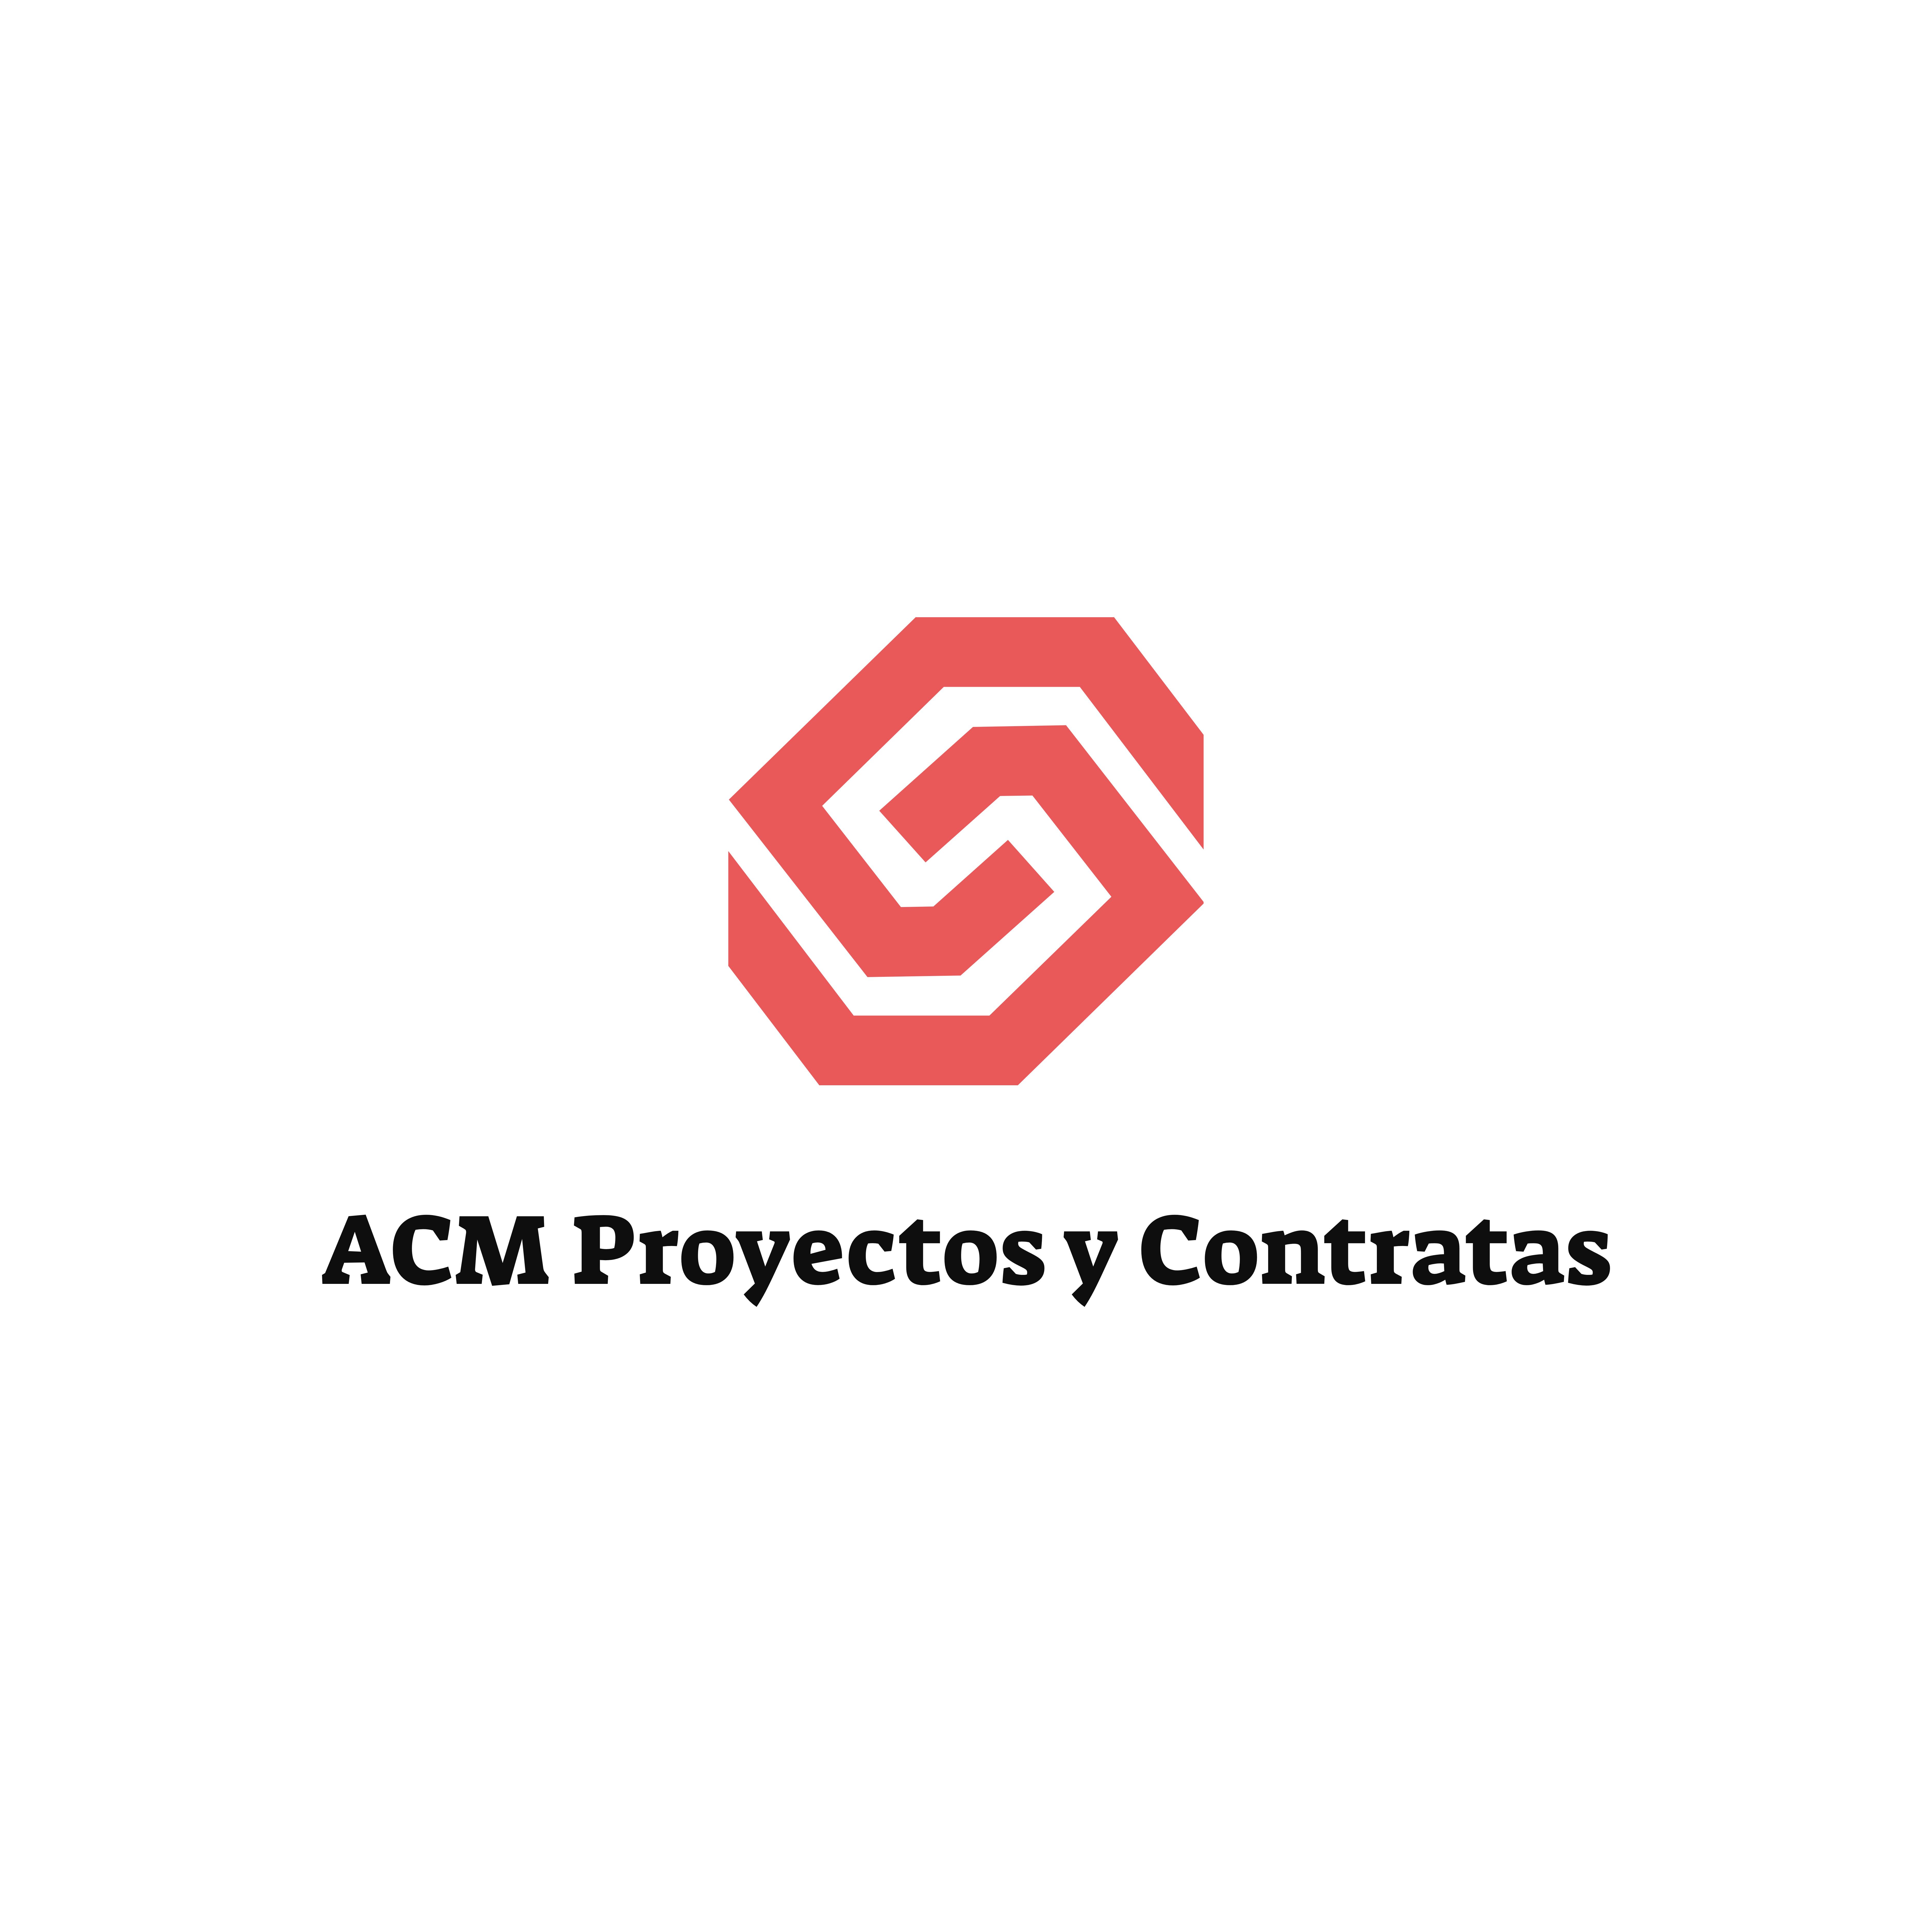 Proyectos Y Contratas Acm Sl